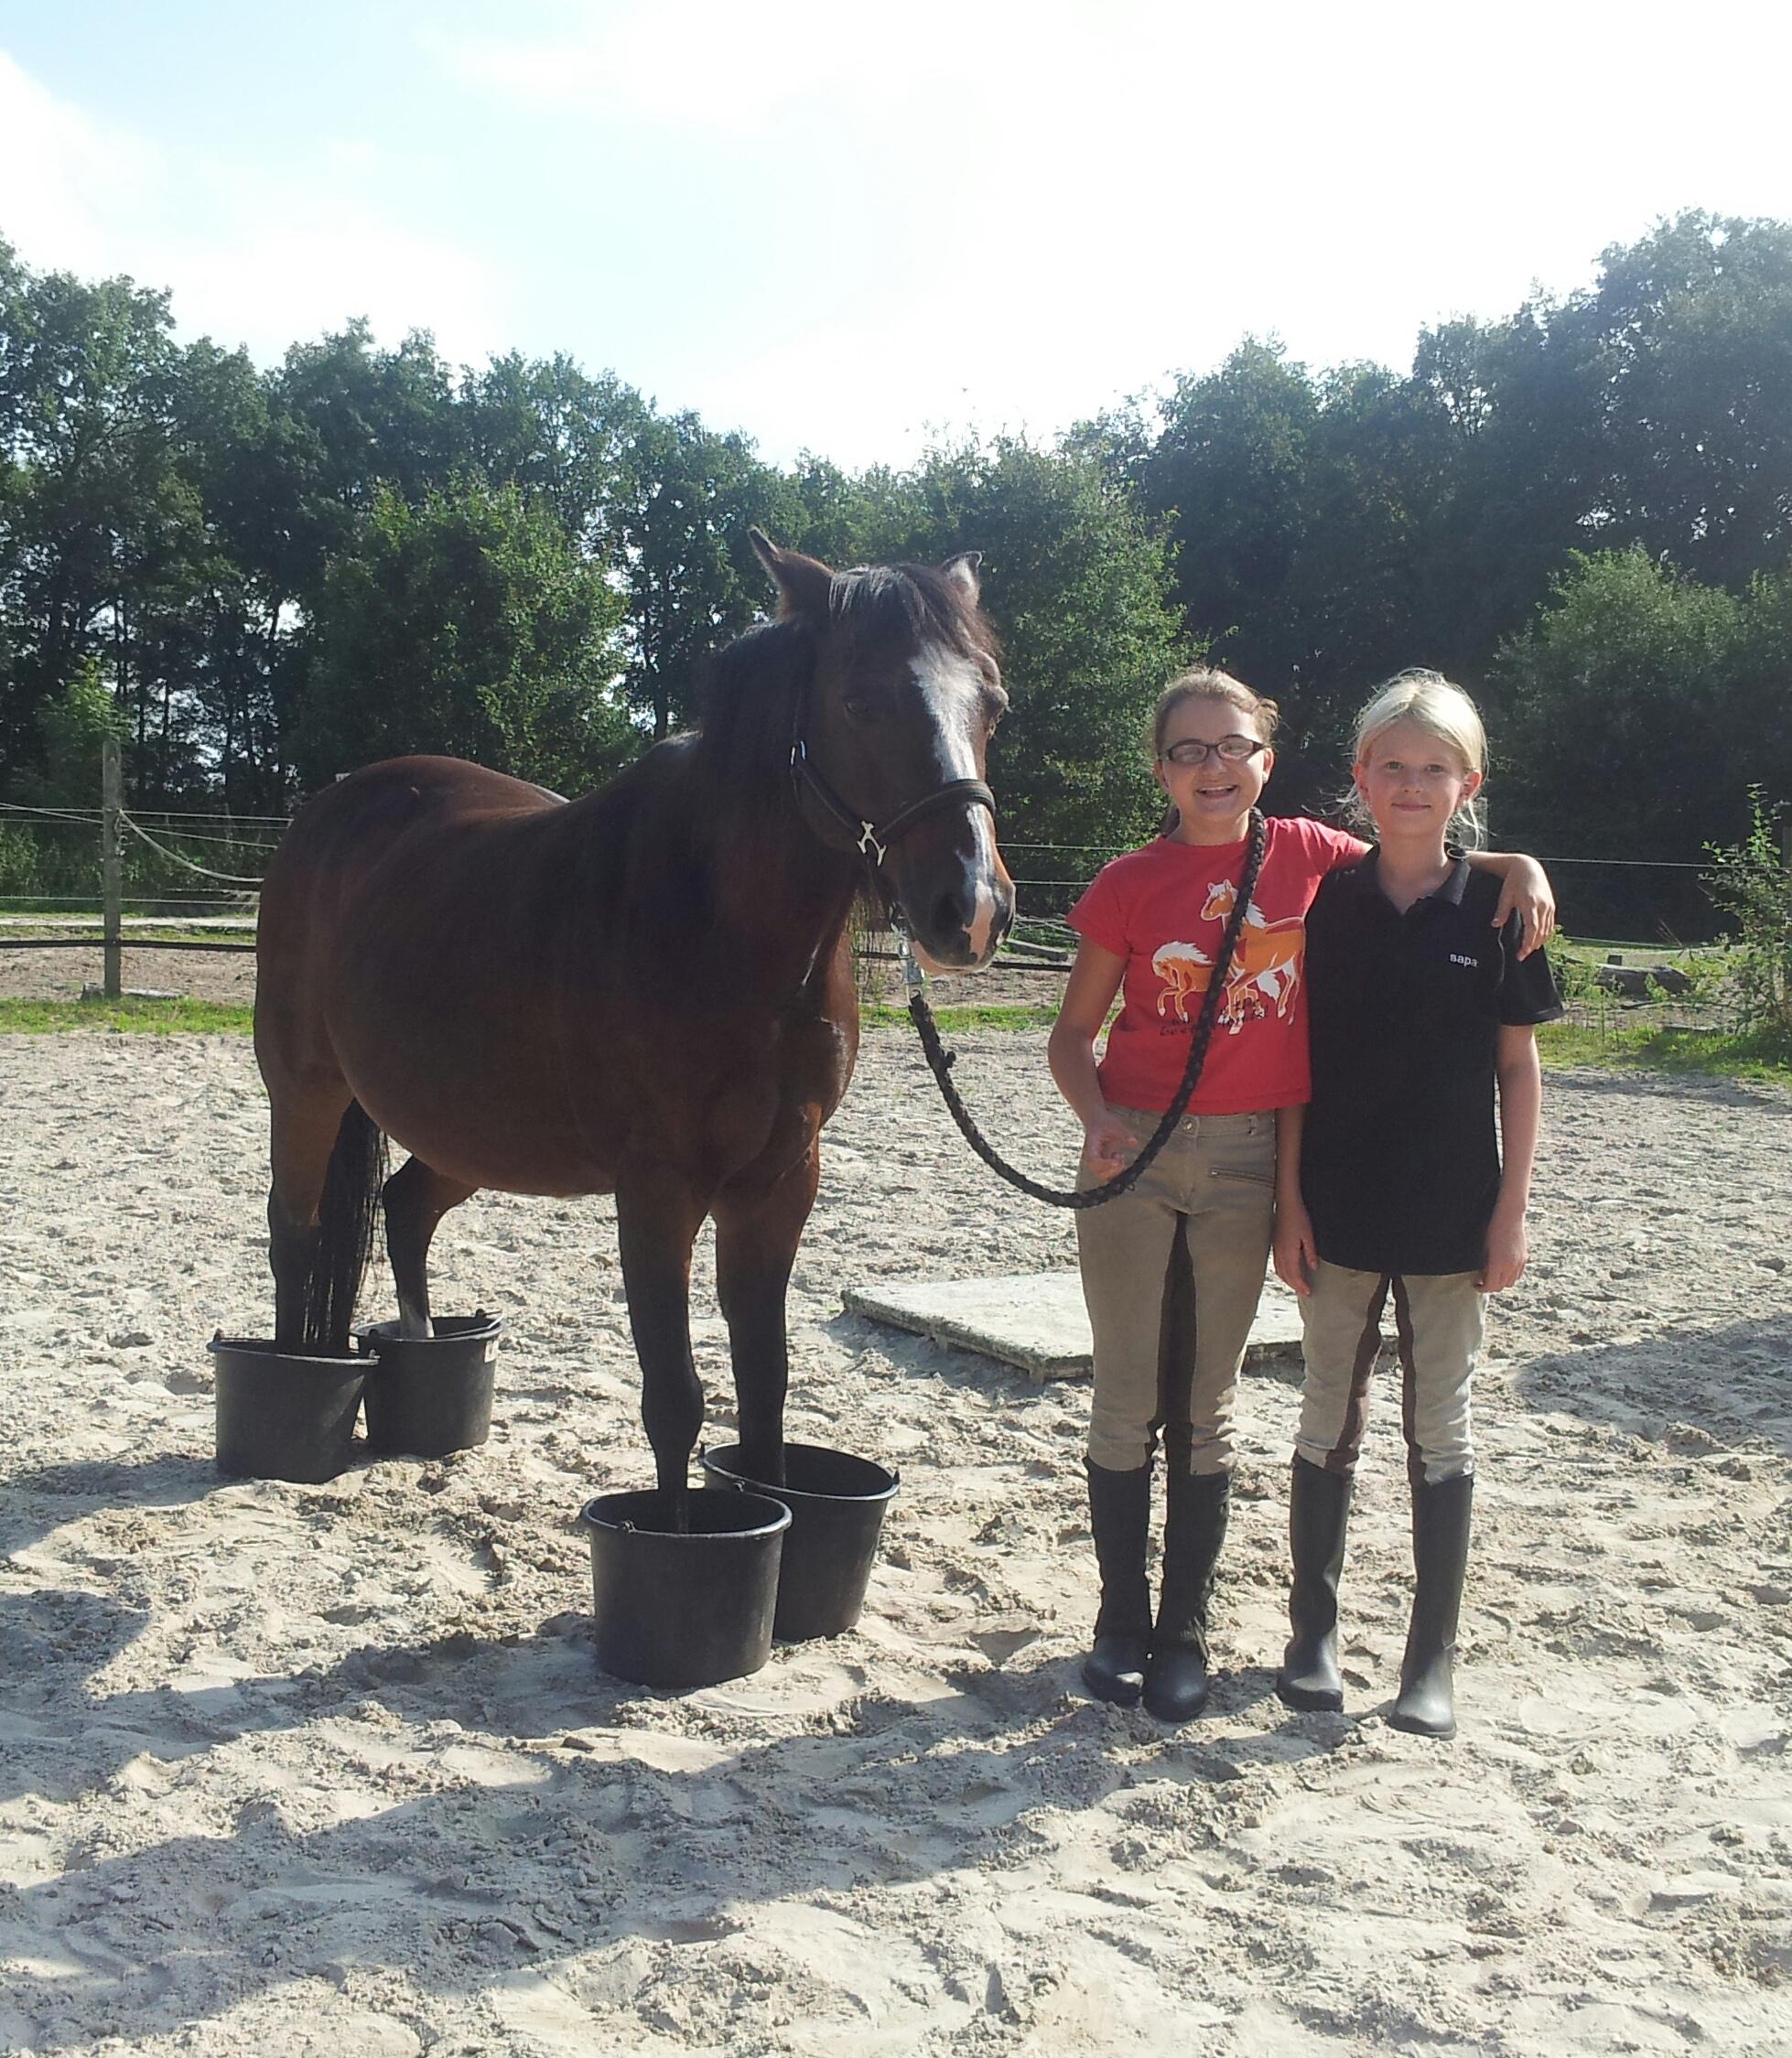 Reitercamp und pferdekunde i 2014 eva skrzypczinski for Exterieur beurteilung pferd